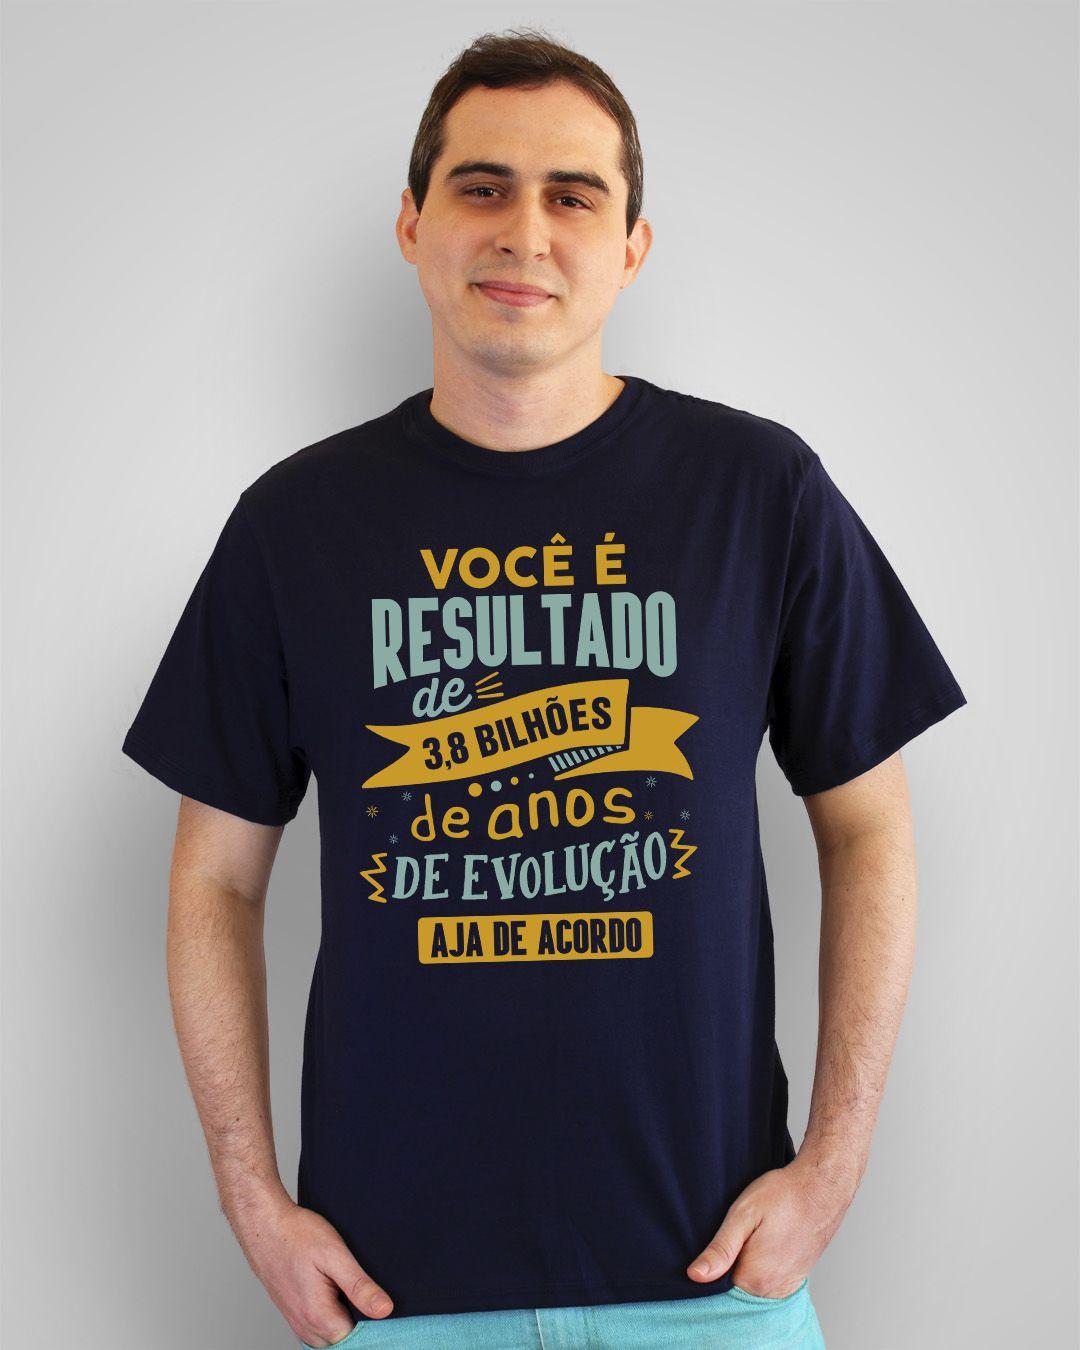 Camiseta Você é resultado de 3,8 bilhões de anos de evolução, aja de acordo